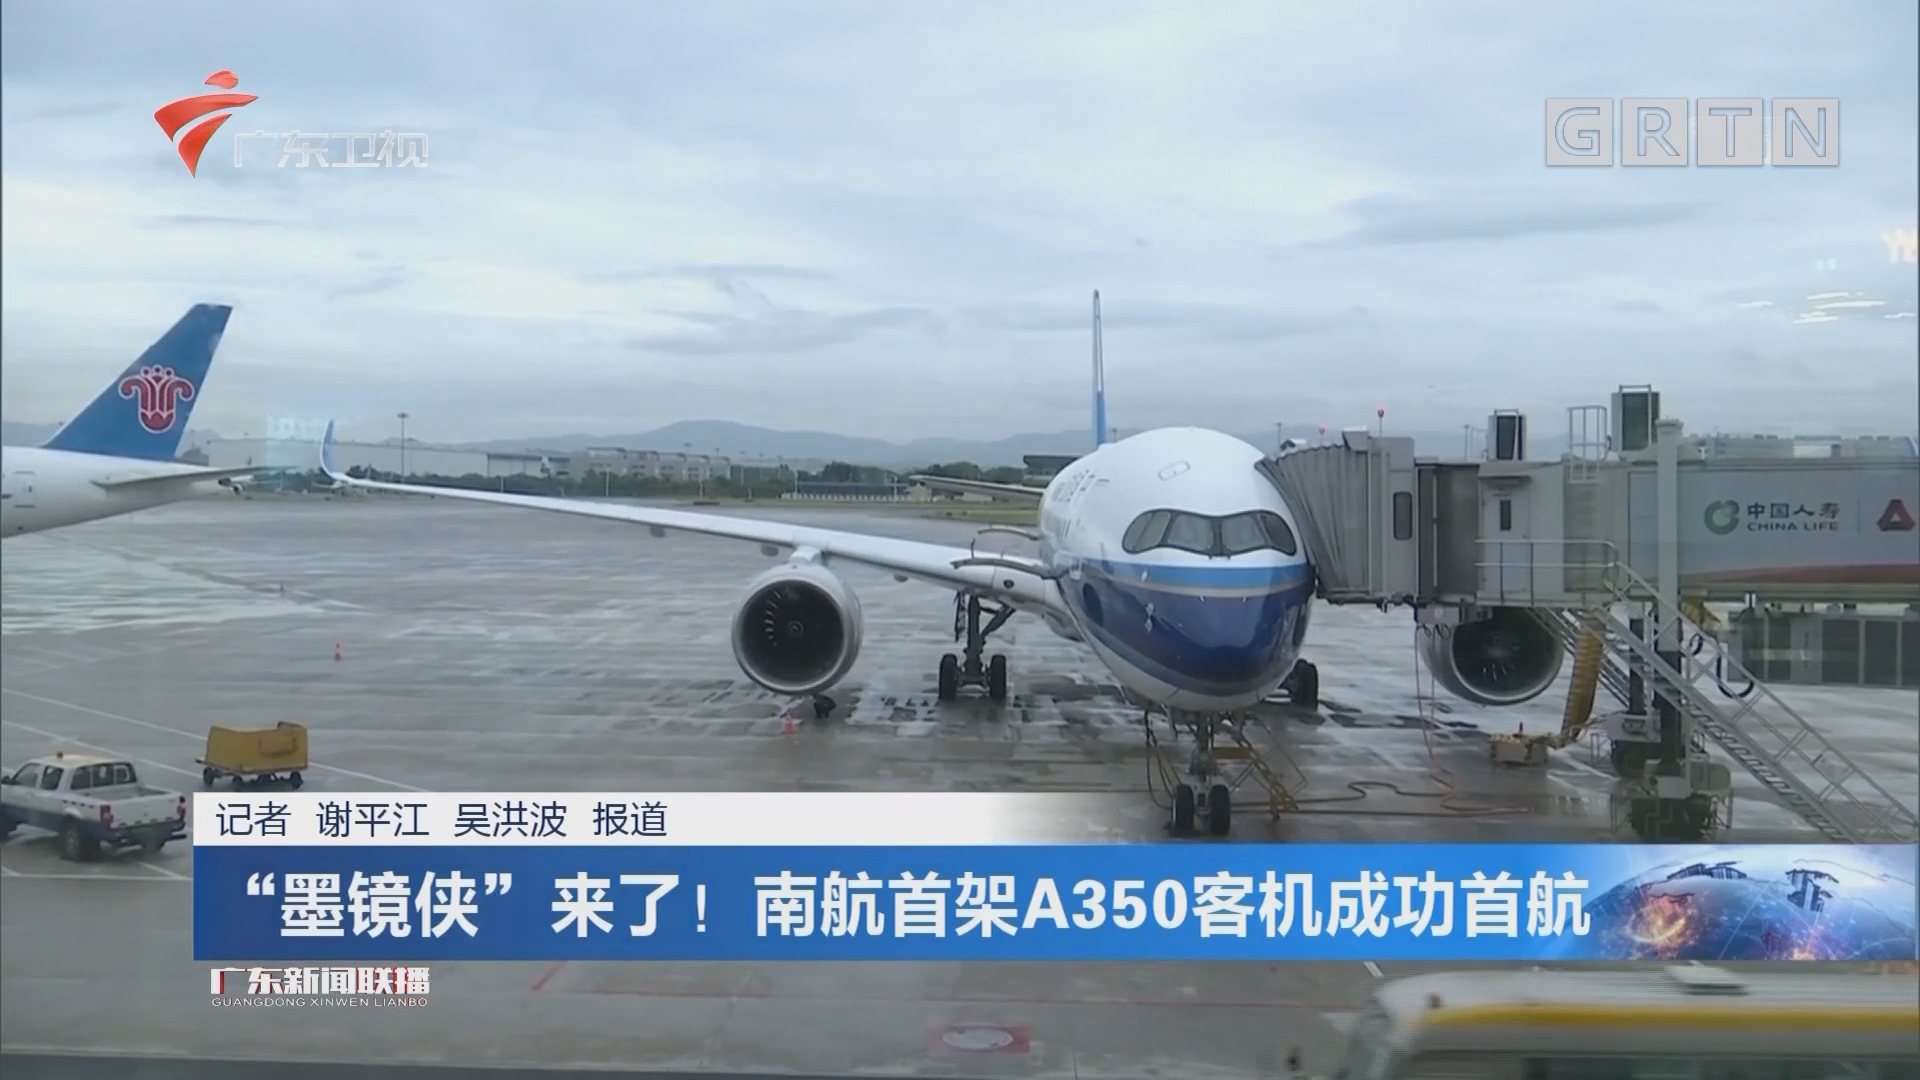 """""""墨镜侠""""来了!南航首架A350客机成功首航"""